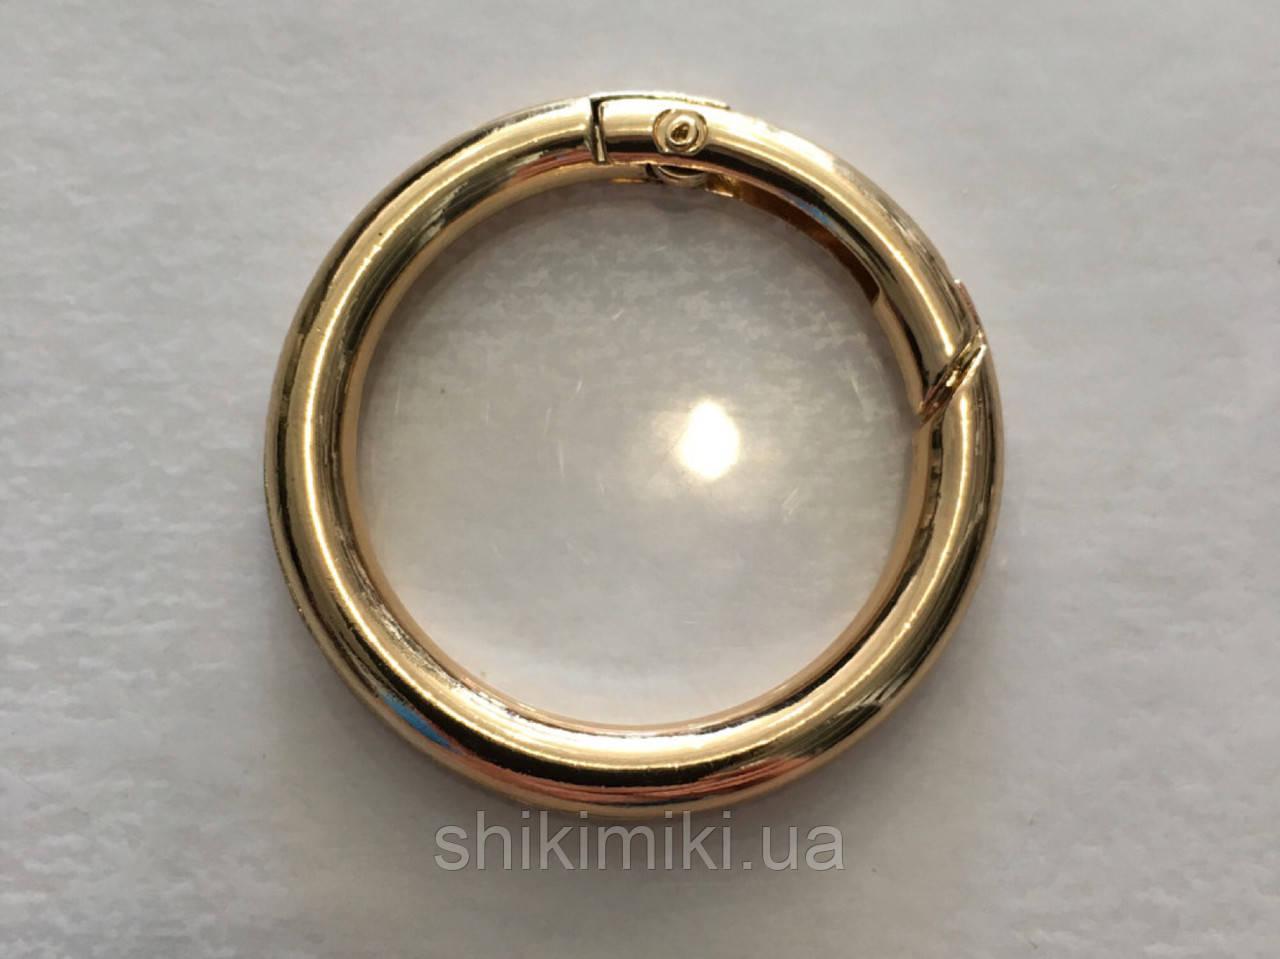 Кольцо-карабин КК07-3 (40мм), цвет светлое золото